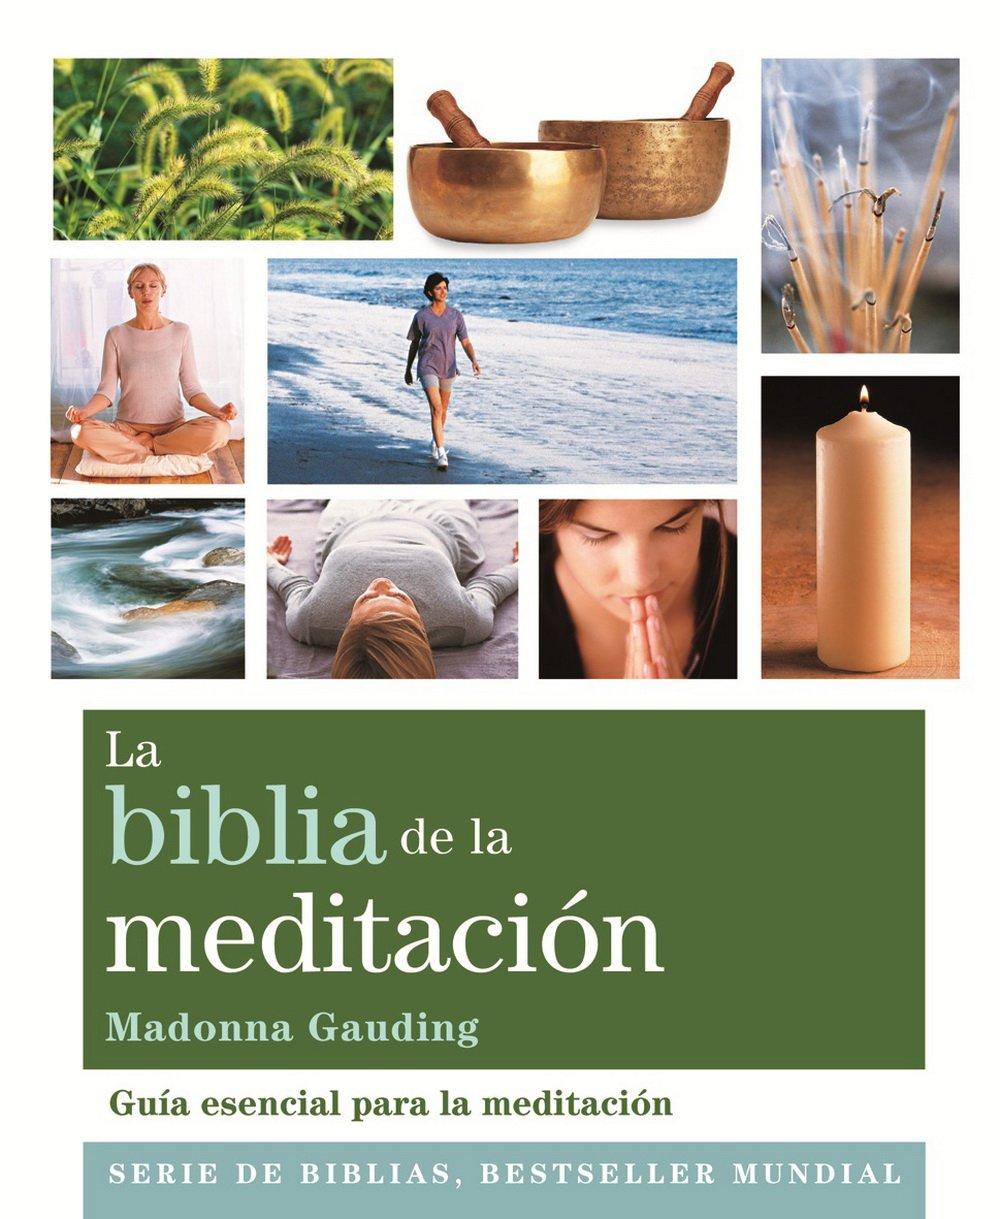 La Biblia De La Meditación (Cuerpo-Mente) Tapa blanda – 7 feb 2013 Madonna Gauding Blanca González Villegas Gaia Ediciones 8484454339